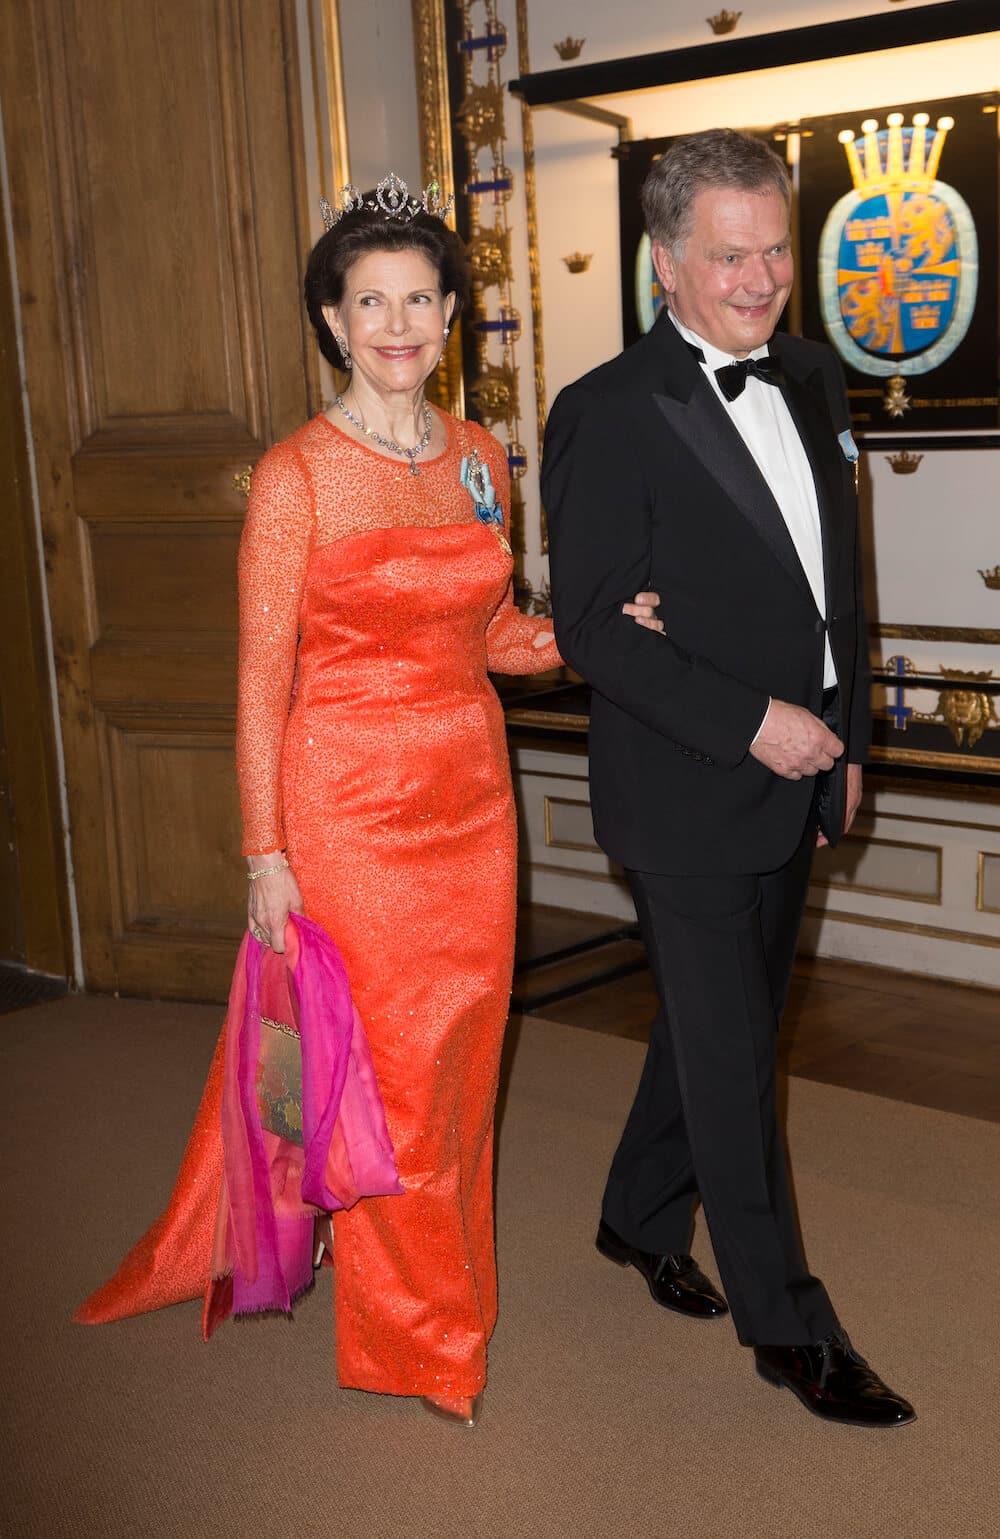 Mode von Königin Silvia